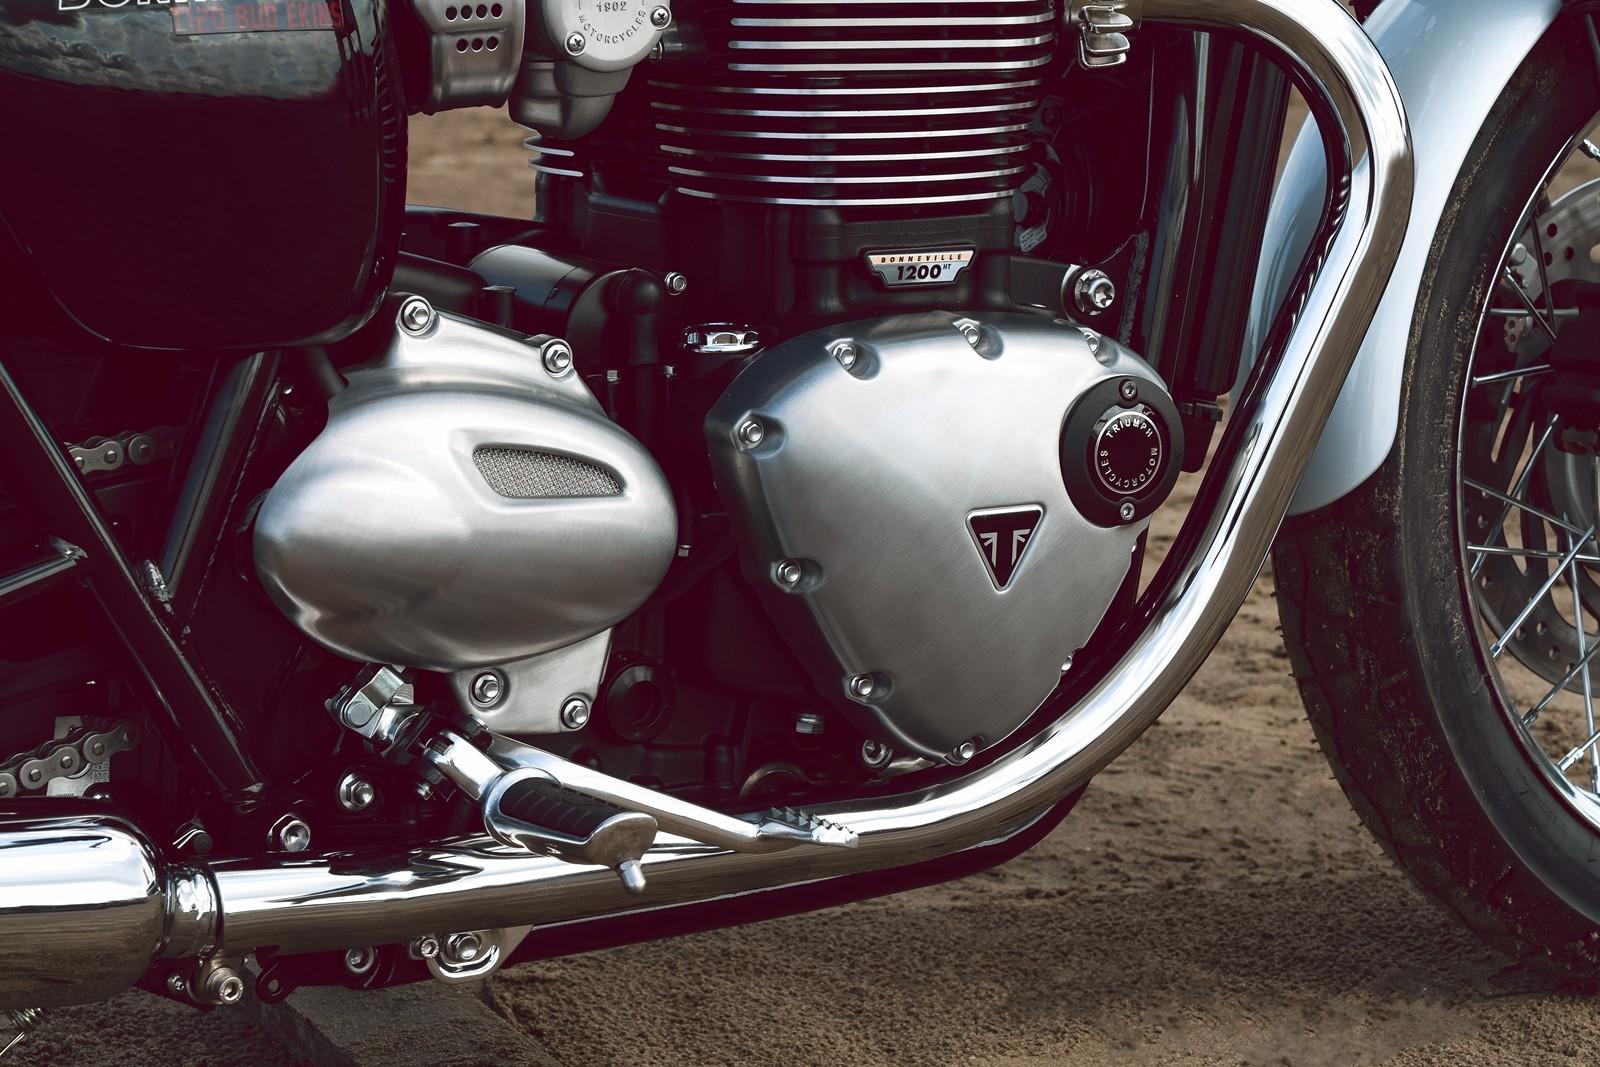 Foto de Triumph Bonneville T120 Bud Ekins 2020 (17/27)